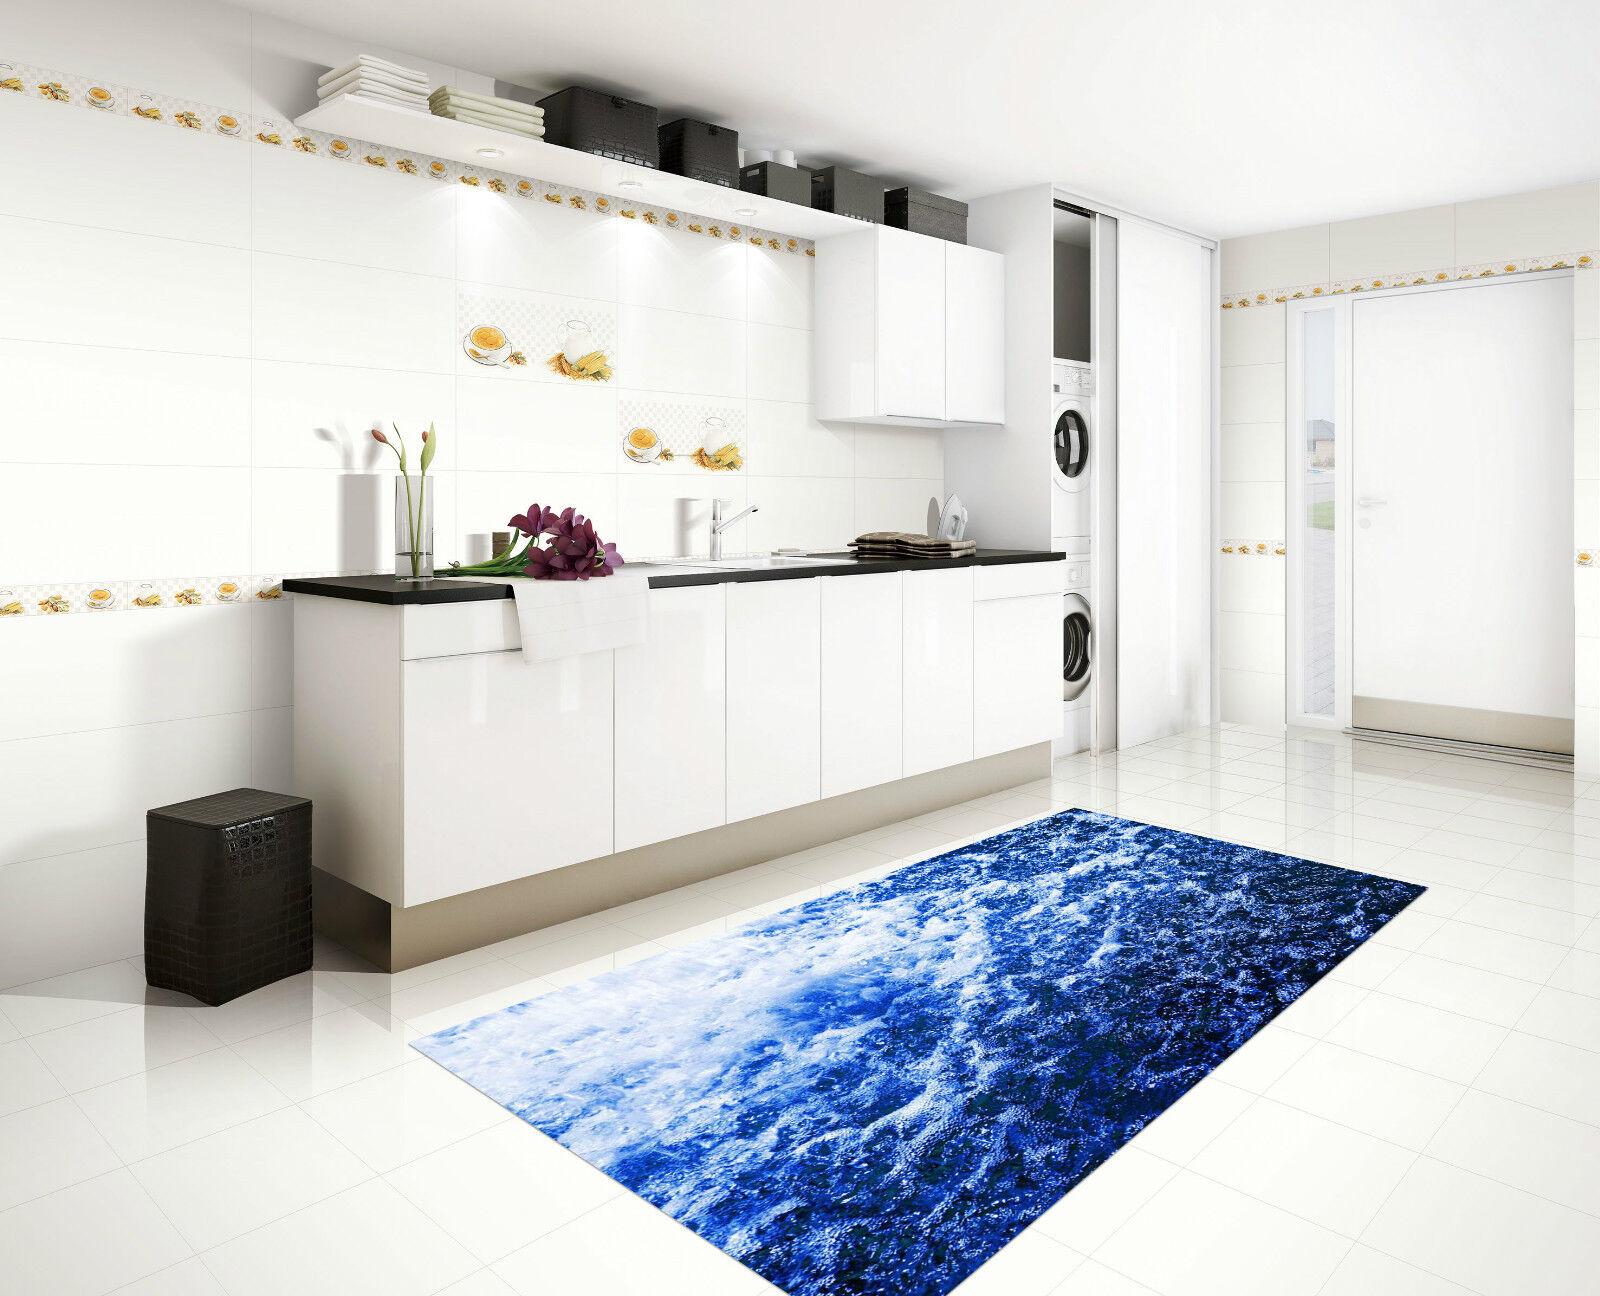 3D Mer Vagues Écume 207 Décor Mural Murale De De De Mur De Cuisine AJ WALLPAPER FR   Qualité Supérieure  d1dbf0